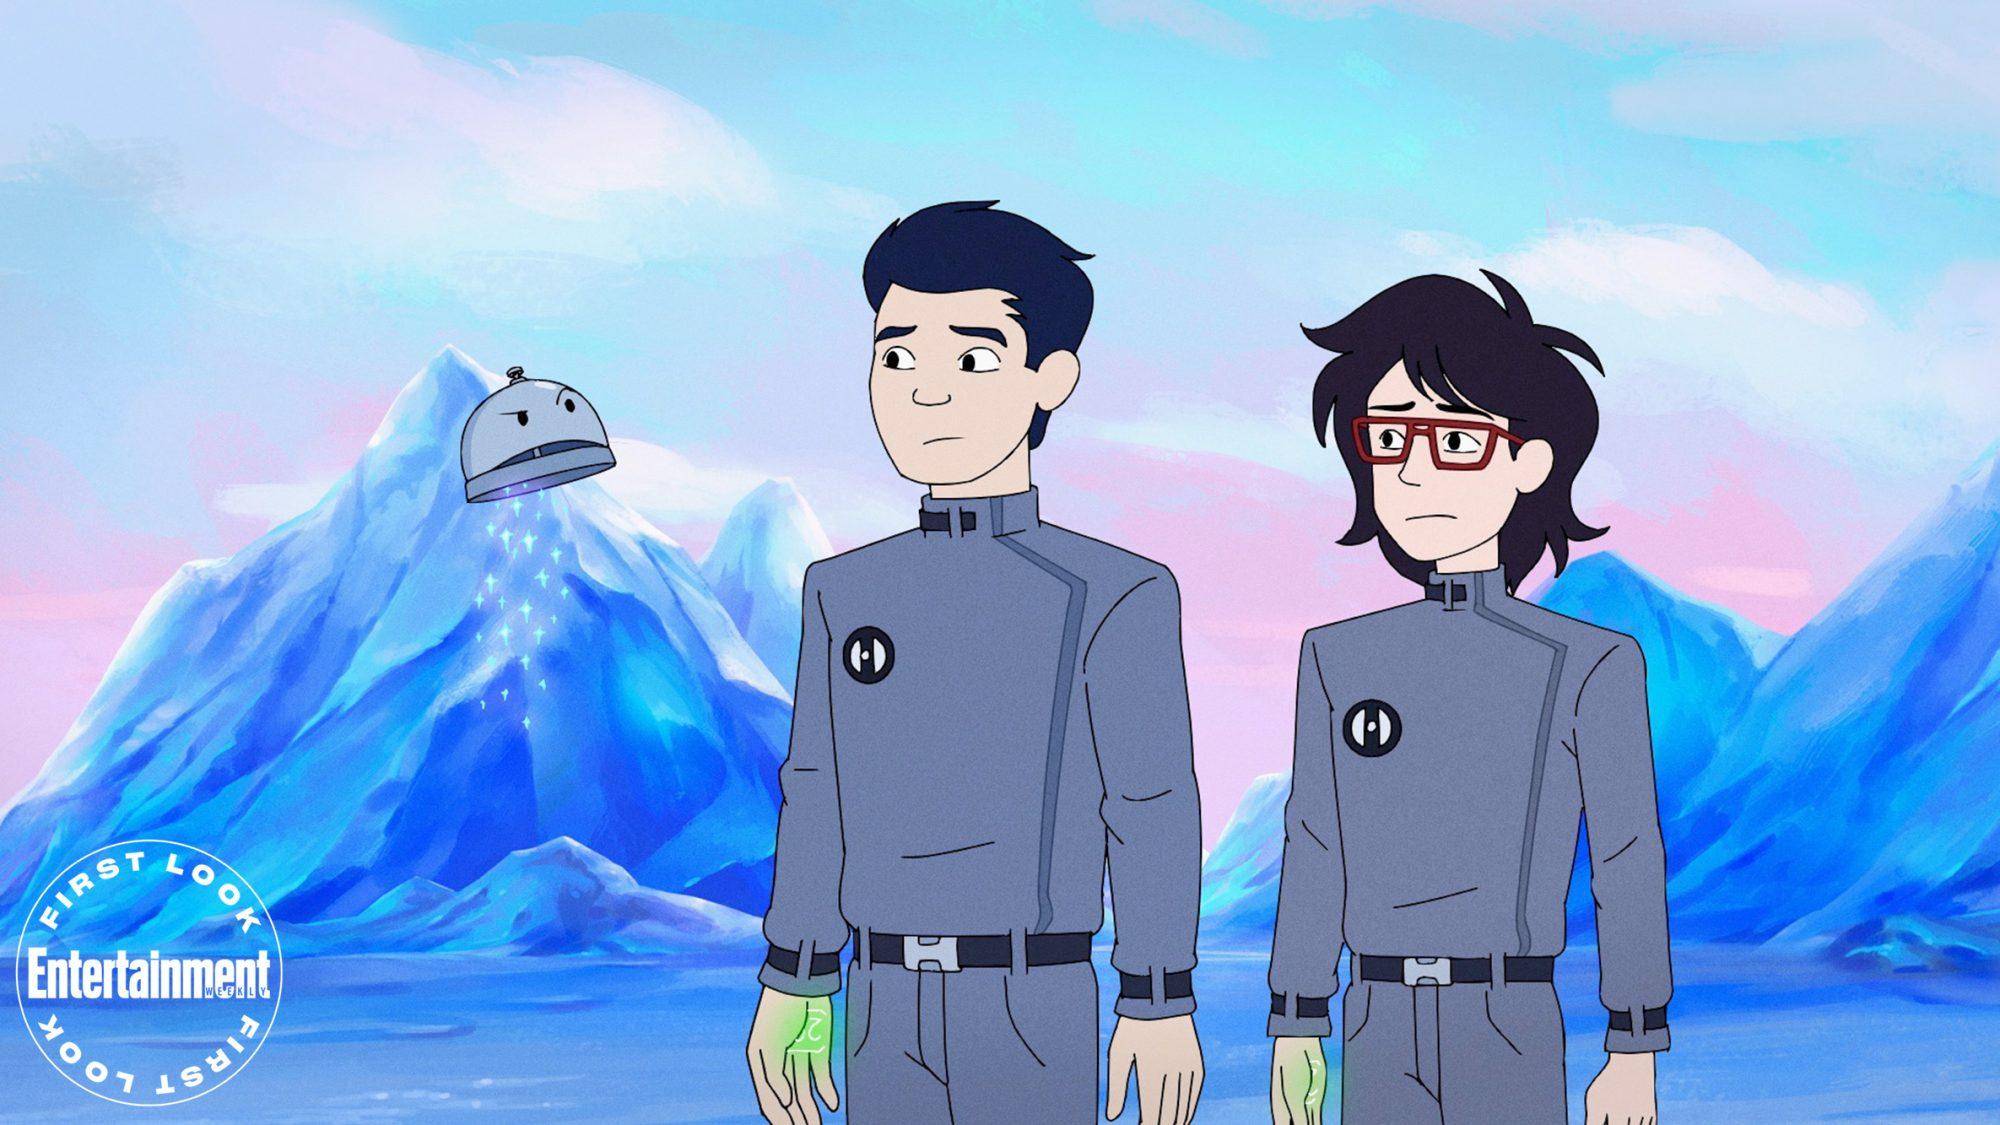 Infinity train season 4 release date